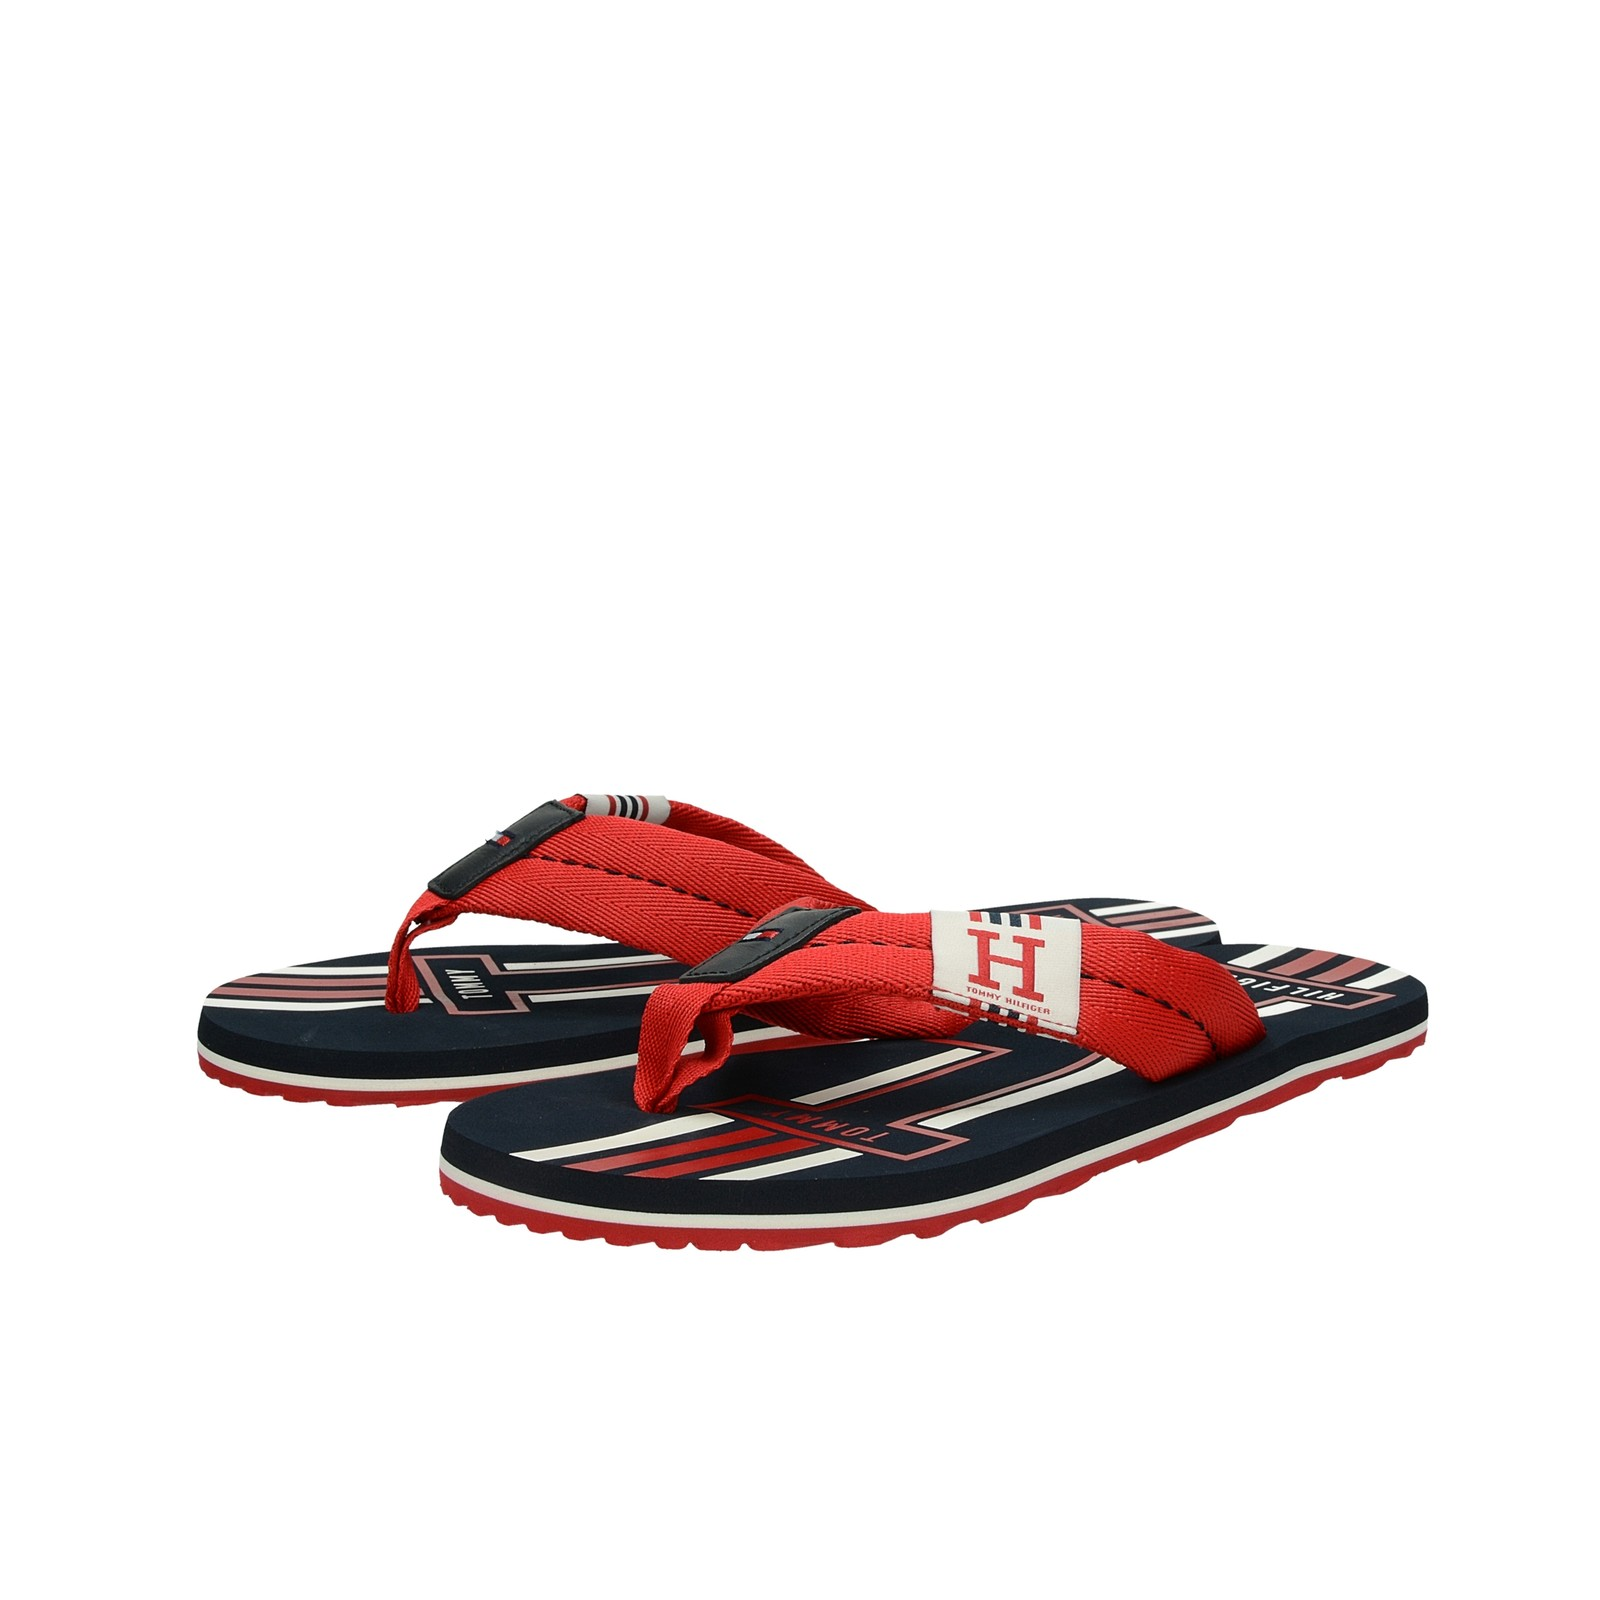 5e41e431ada6b Tommy Hilfiger pánske štýlové plážovky - červené | FM0FM02076611 ...